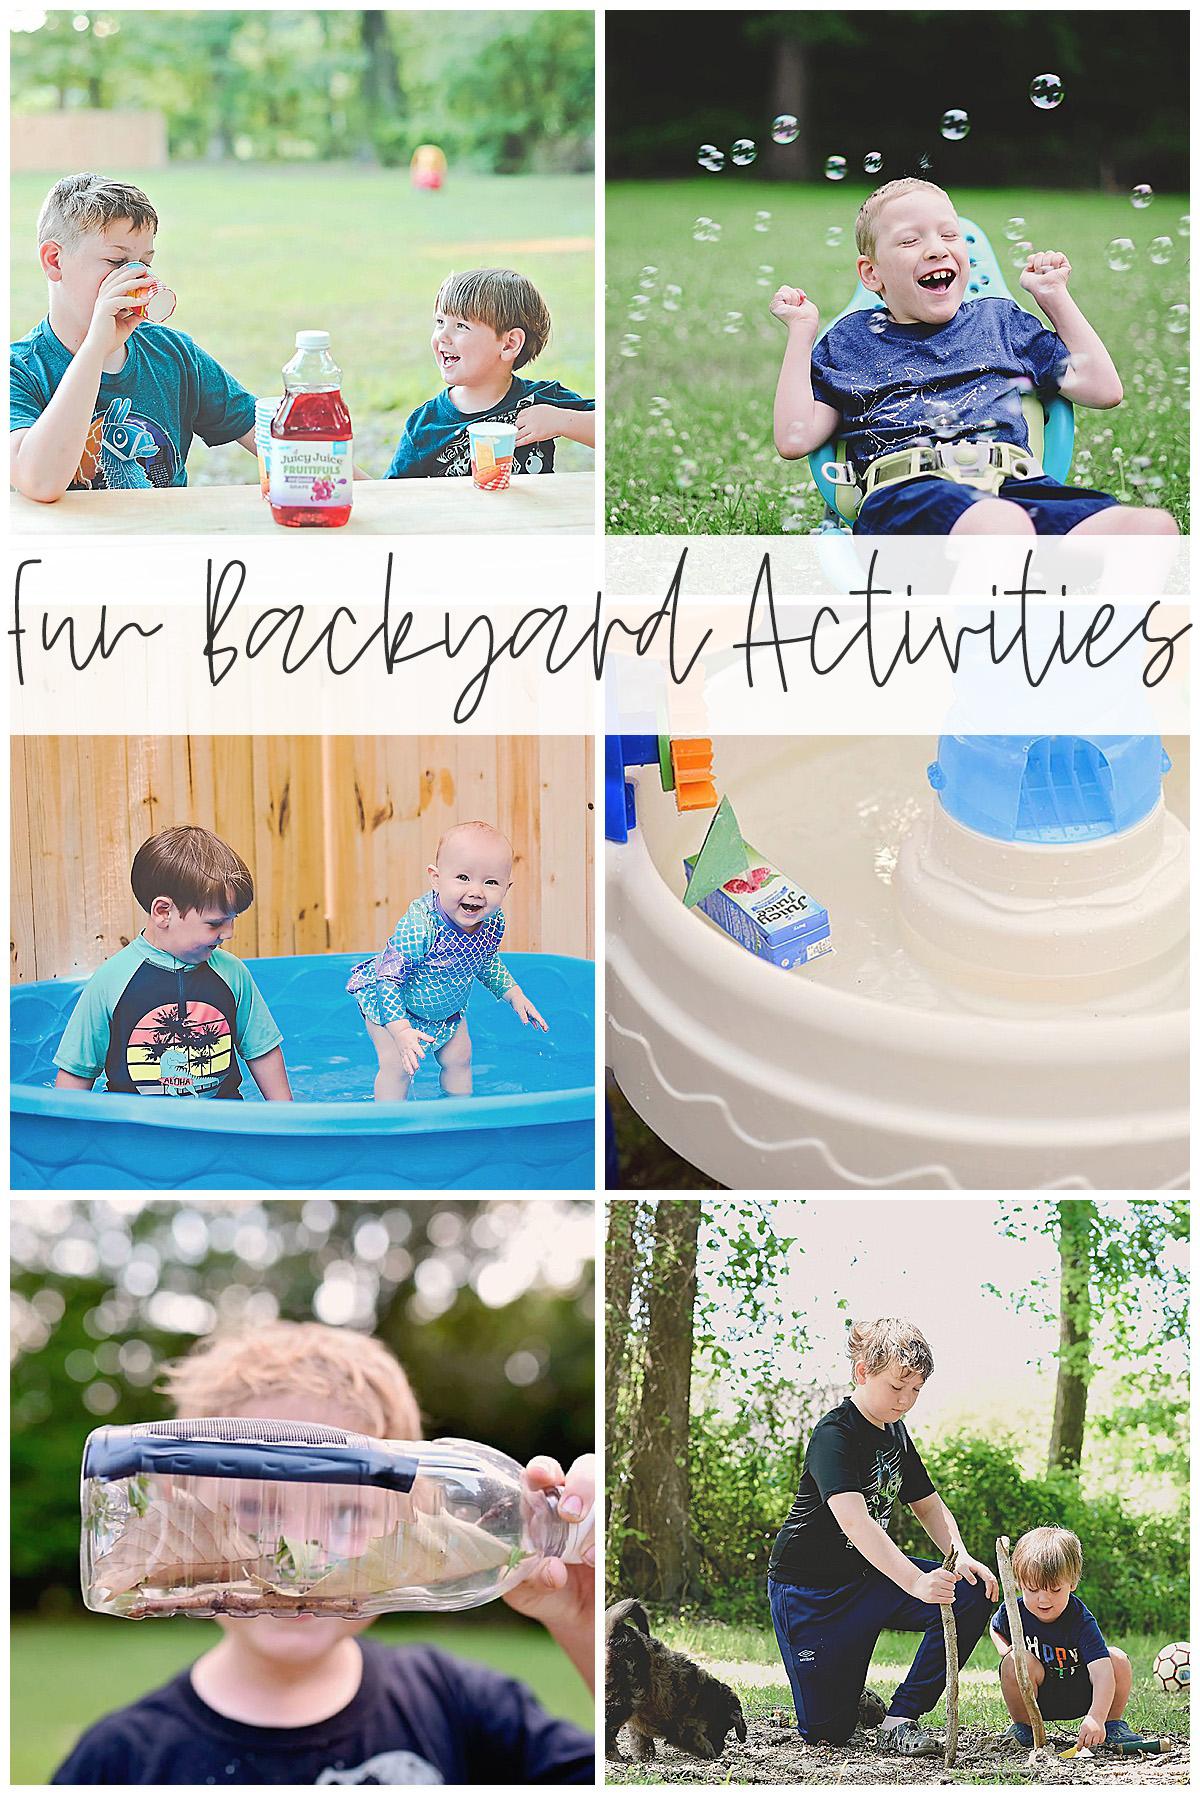 Fun Backyard Activities Sarah Halstead